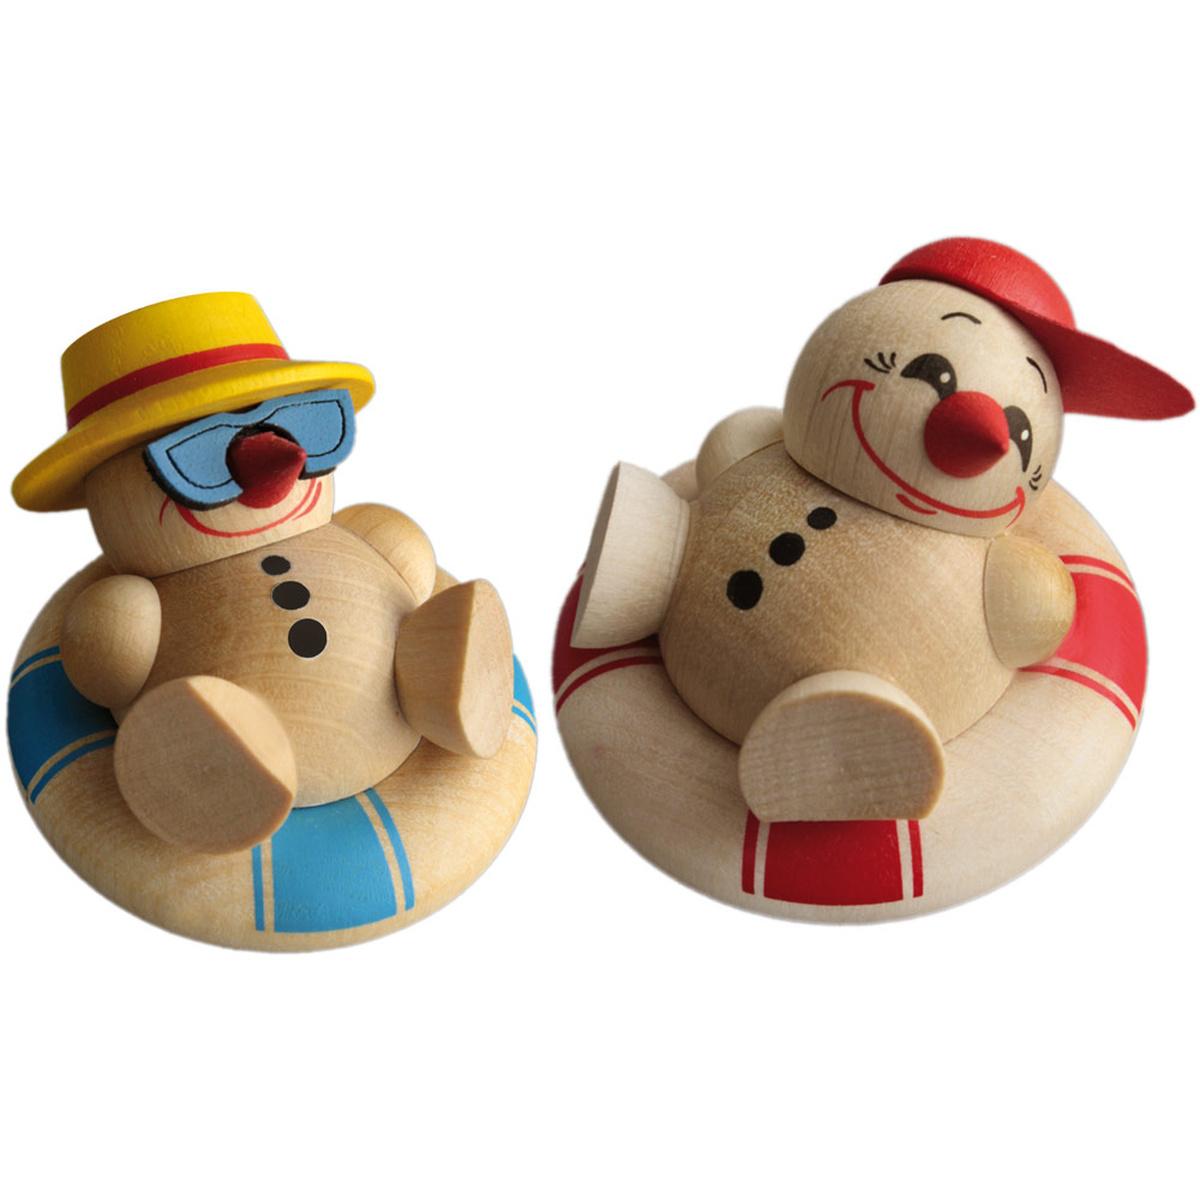 Kugelfiguren cool man holiday 2er set von karsten braune - Weihnachtsdeko figuren ...